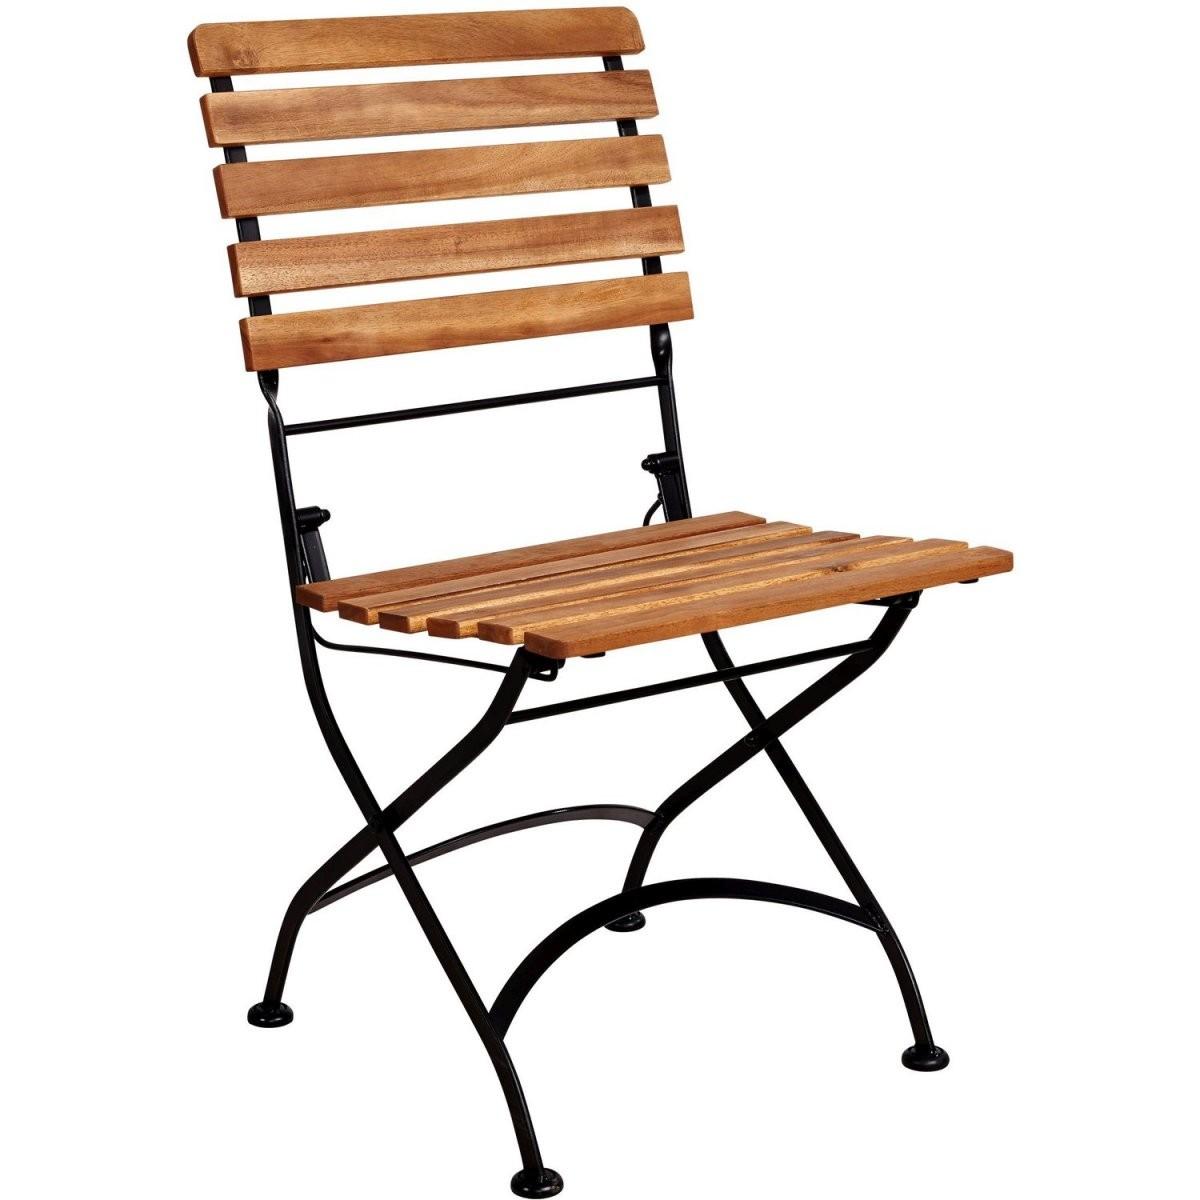 Parklife Gartenstuhl Klappbar 47 X 54 X 88 Cm Holz Und Metall von Gartenstühle Metall Holz Klappbar Bild